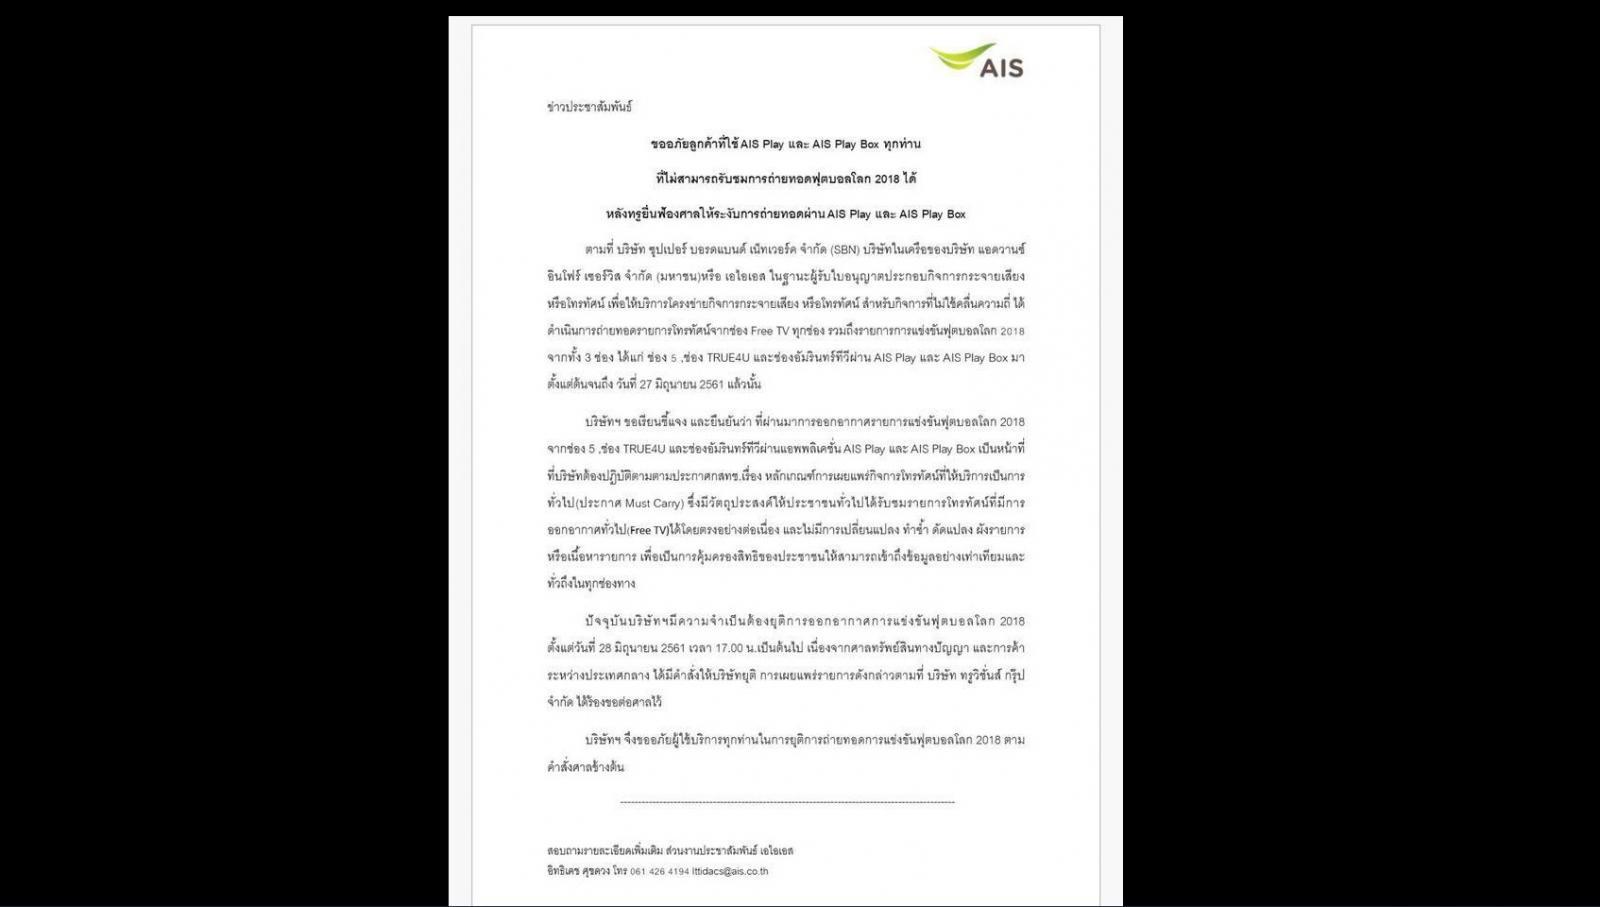 ทรูวิชั่นส์แจง AIS Play ไม่ได้สิทธิถ่ายทอดฟุตบอลโลก 2018